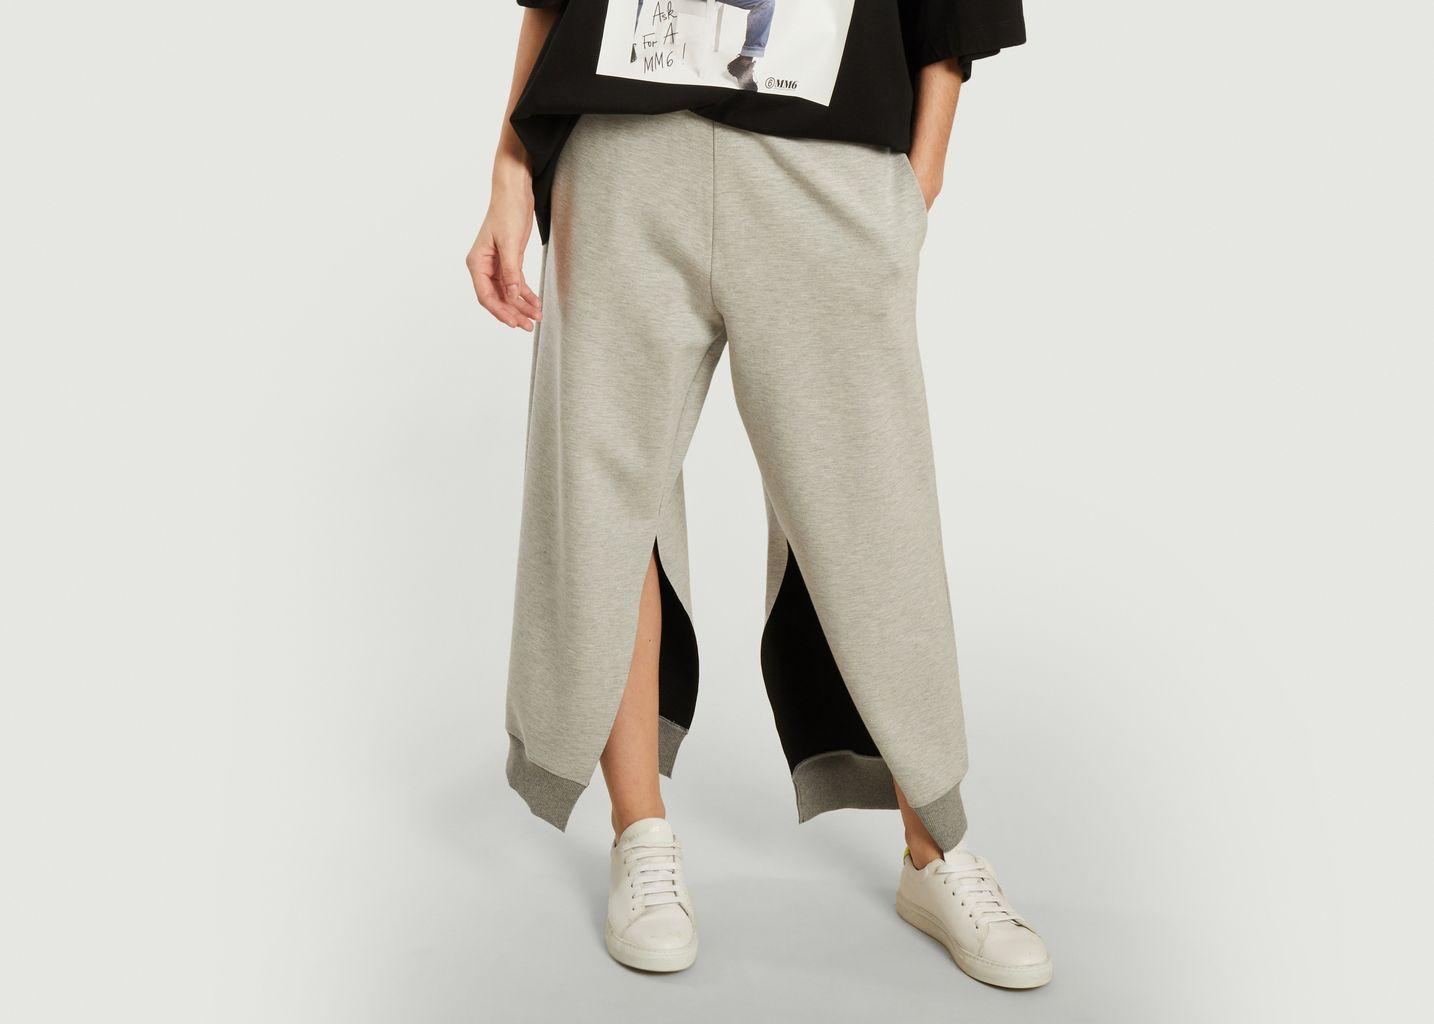 Pantalon Survêtement - MM6 Maison Margiela